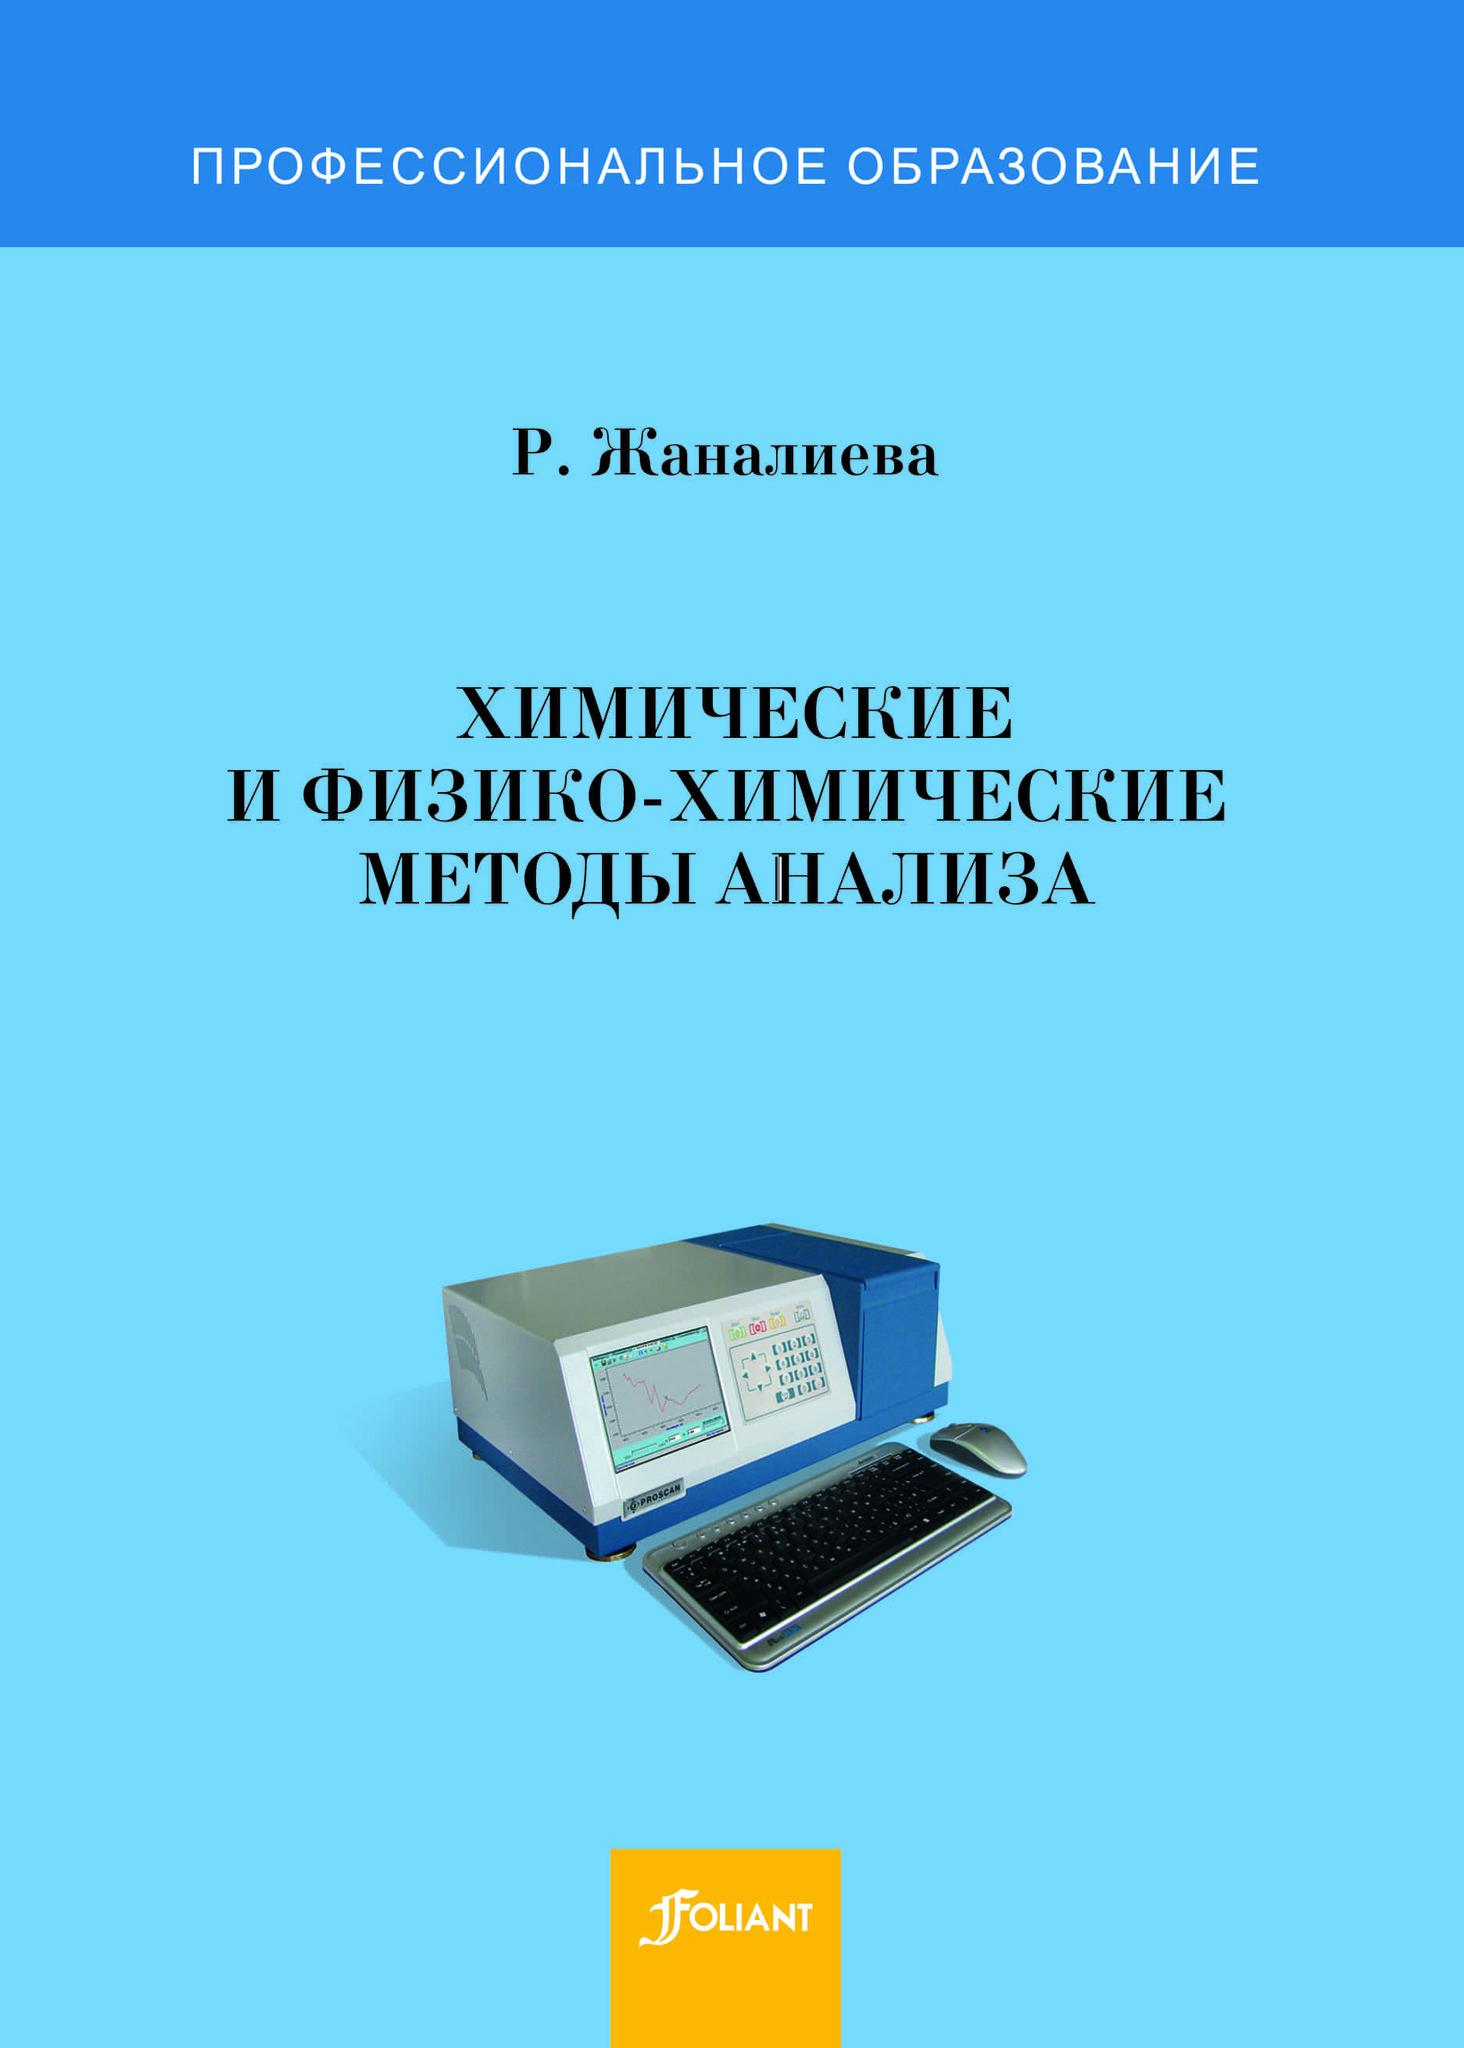 Химические и физико-химические методы анализа